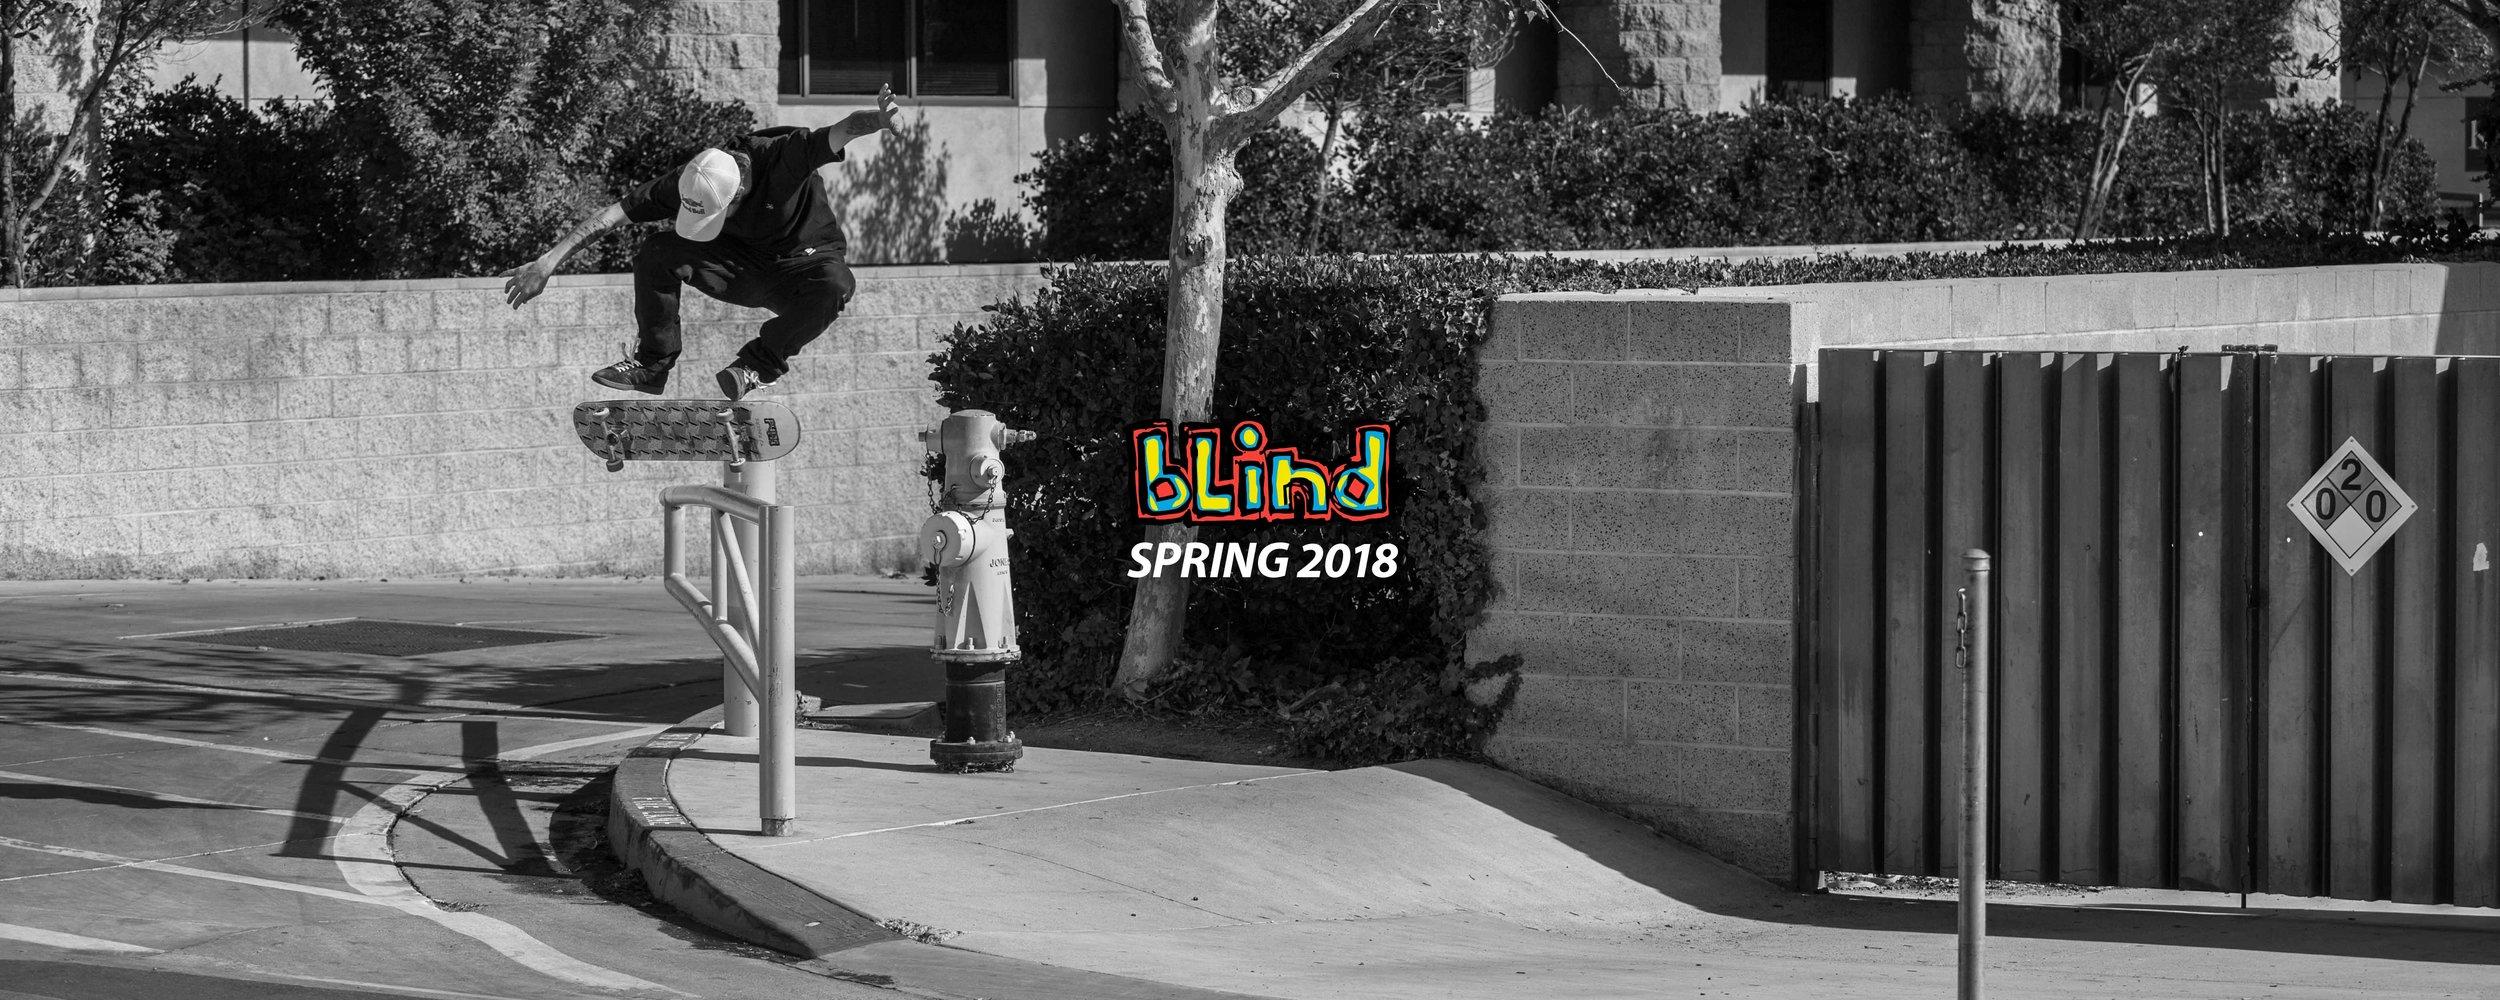 Blind_Skateboards_catalog_Cover_TJ_Rogers_1500x600.jpg